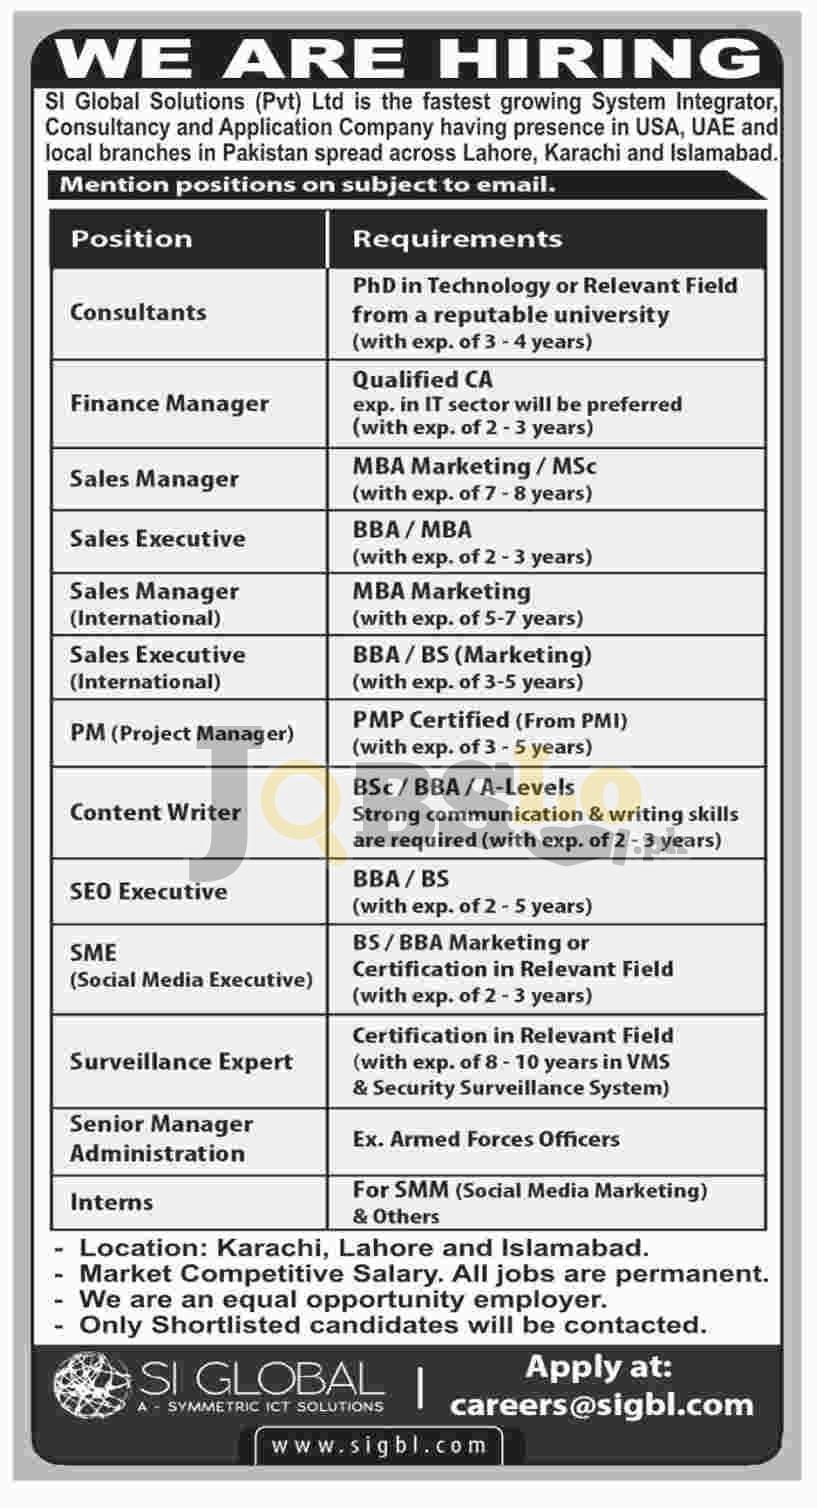 SI Global Solutions Pvt Ltd SIGBL Jobs 2018 Latest Downlaod Application Form